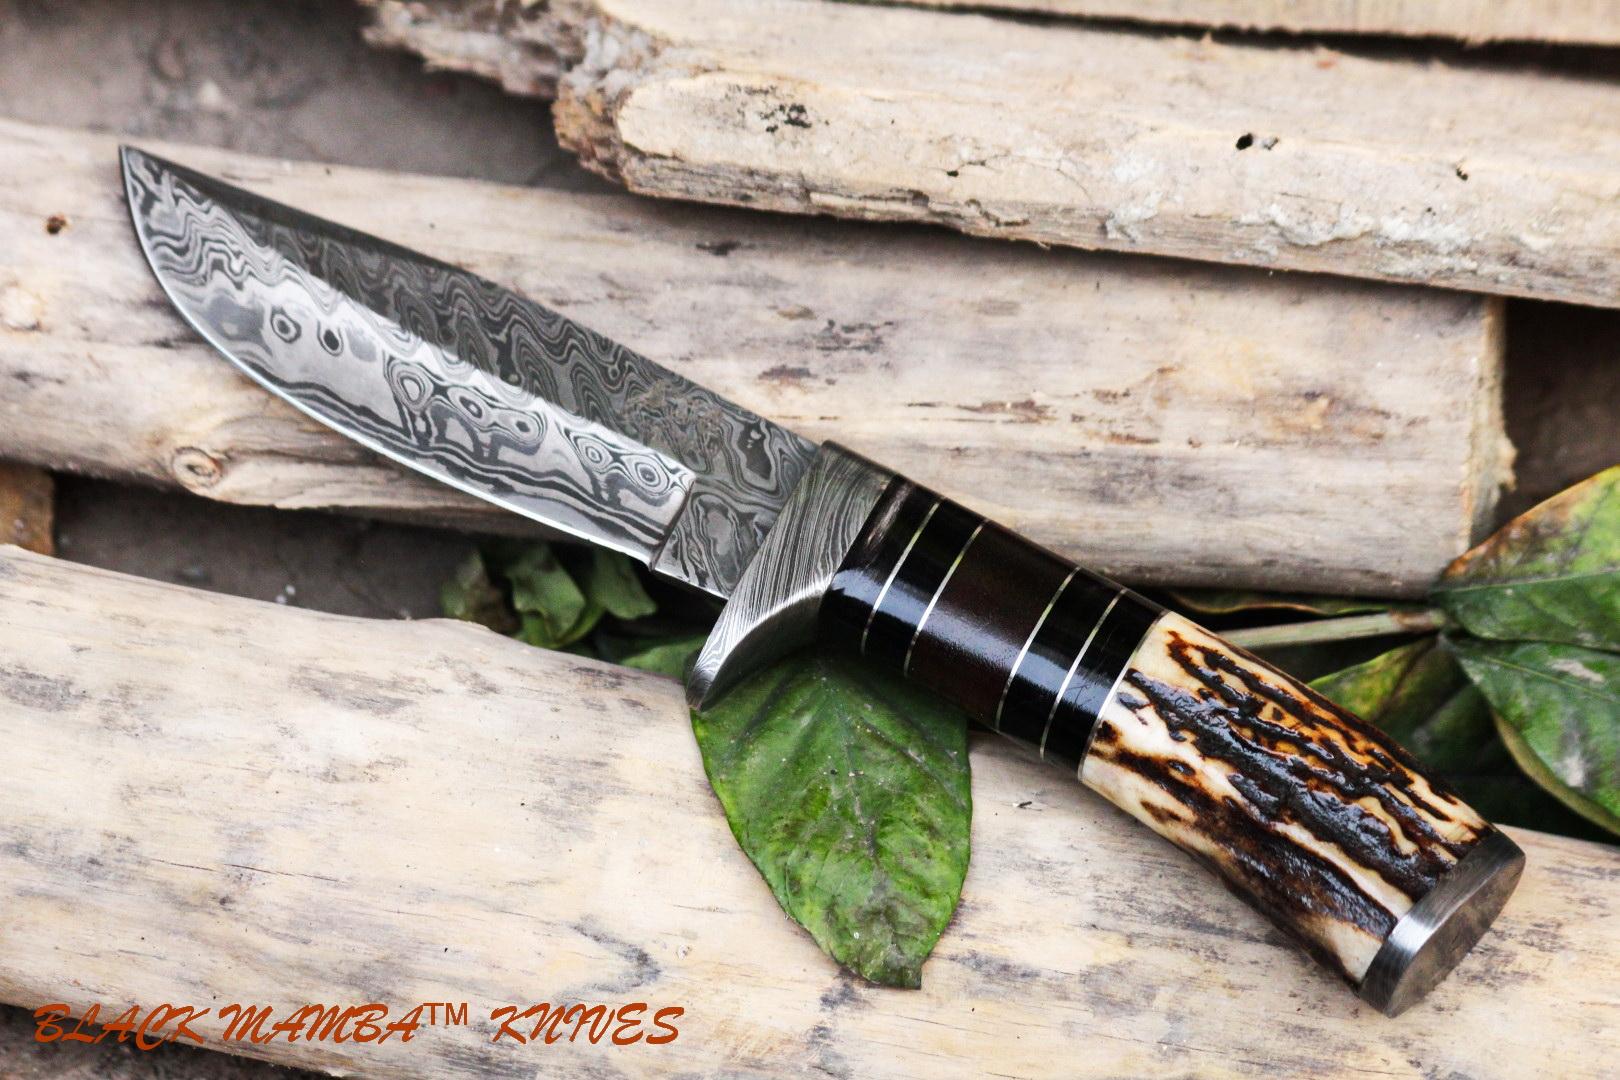 BMK-104 Scorpion Custom Knives Hunting Knives Pocket Knives